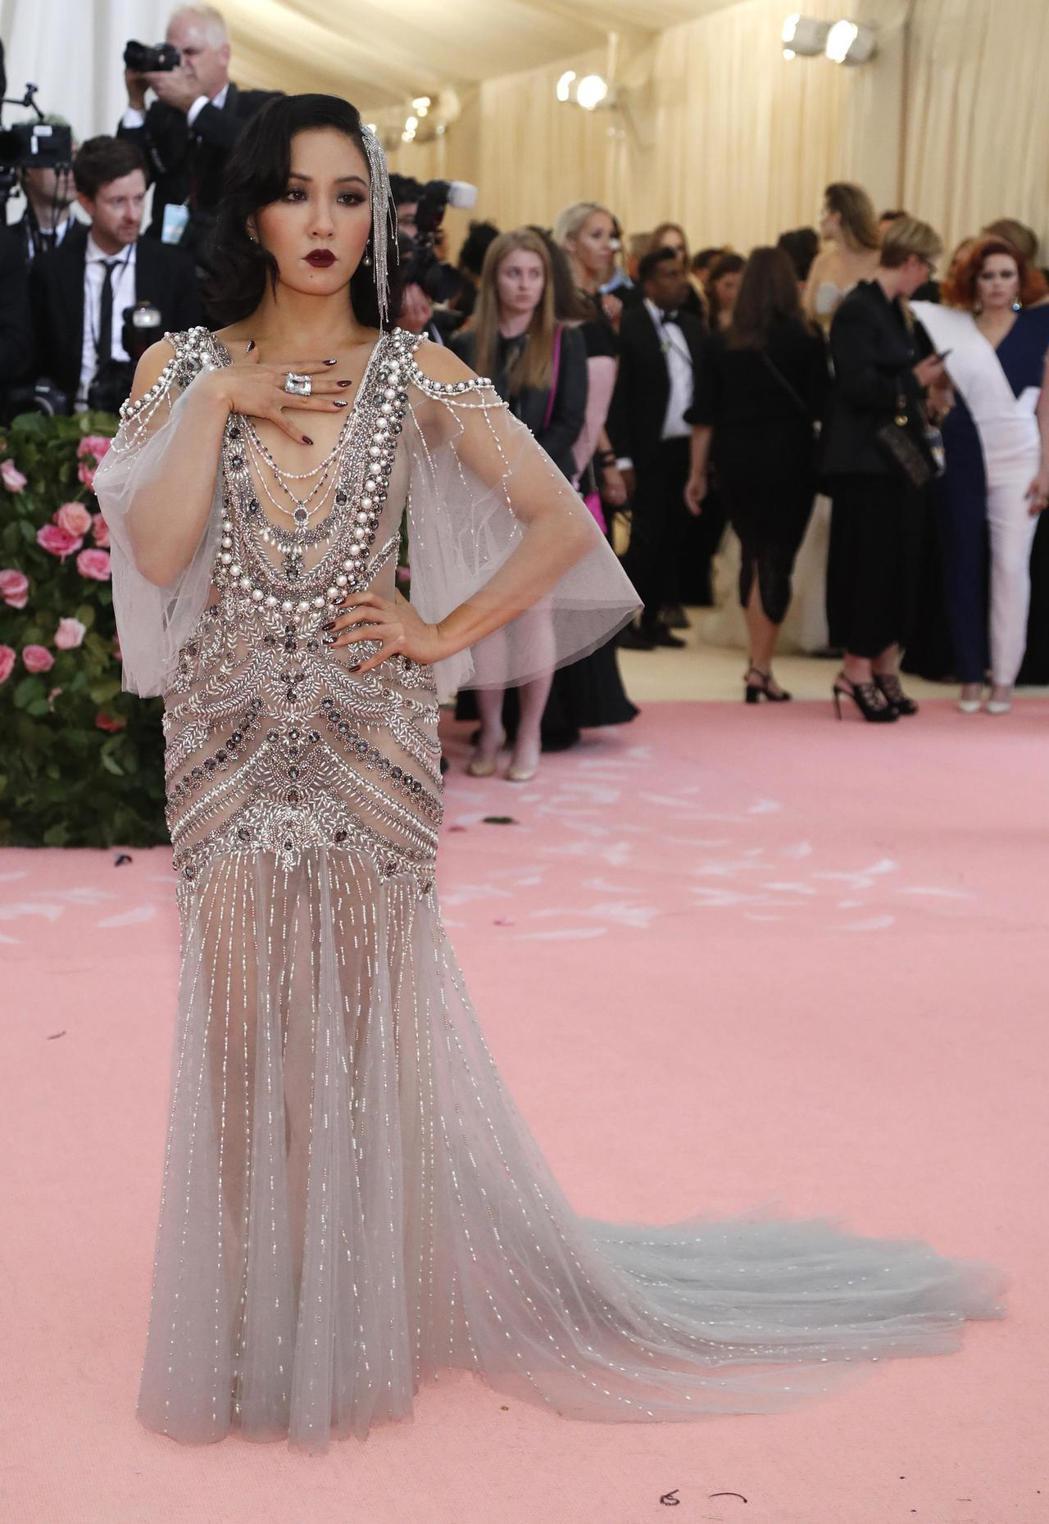 吳恬敏因「瘋狂亞洲富豪」成為票房女星,各大重要活動都受邀出席。圖/路透資料照片